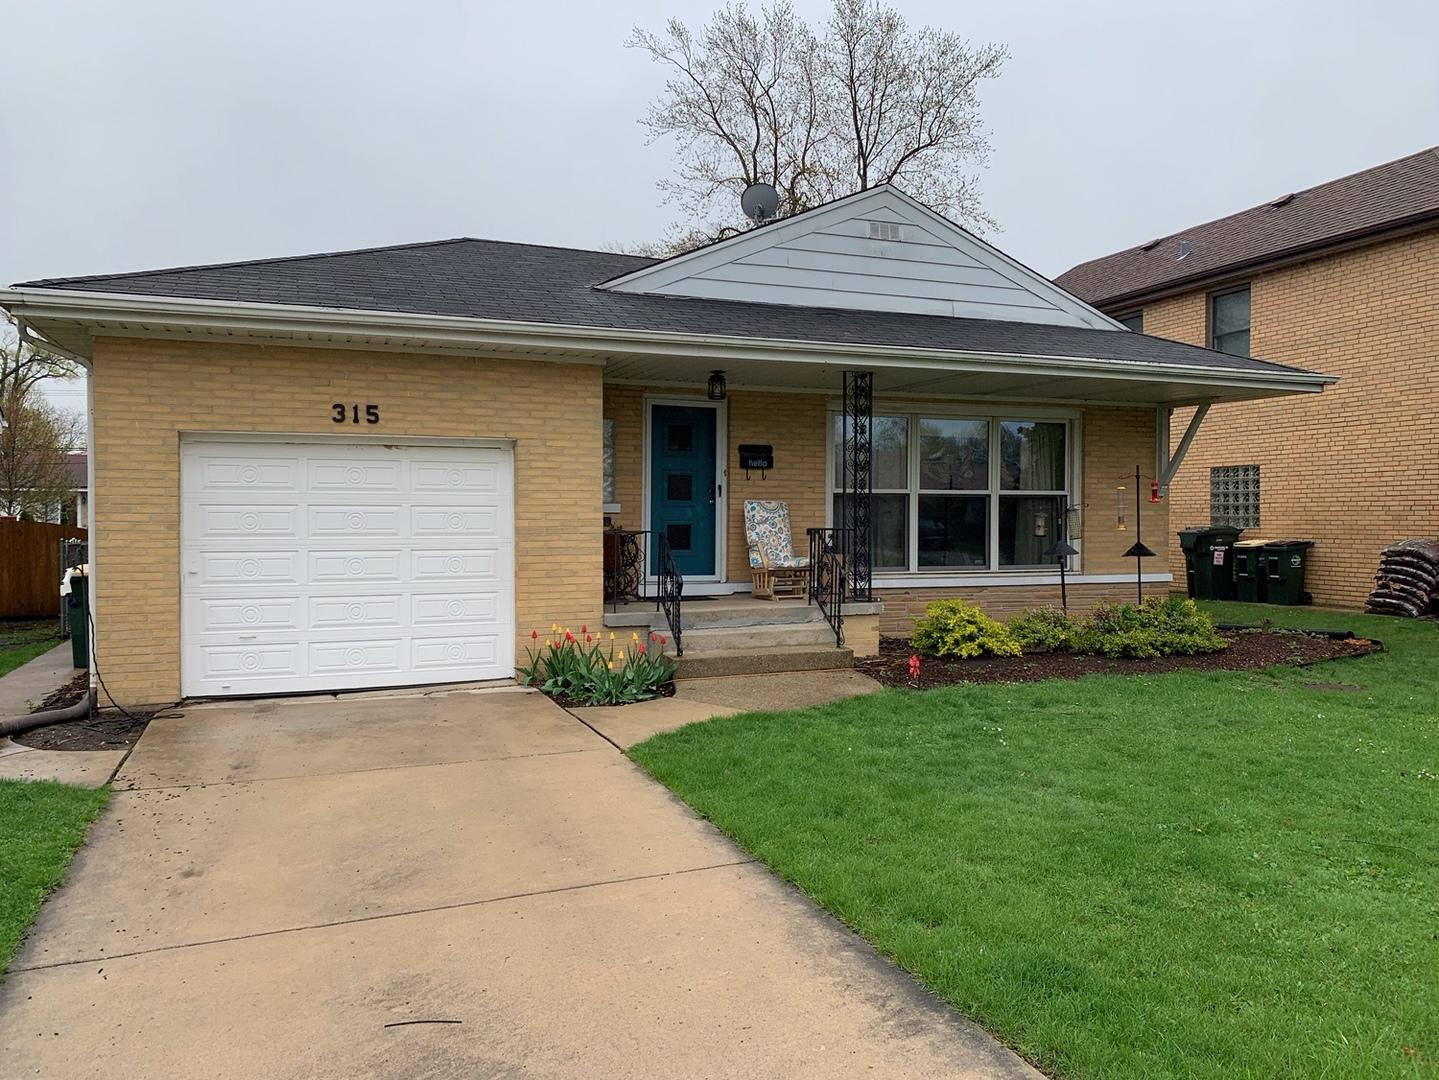 315 North Seminary Avenue, Park Ridge in Cook County, IL 60068 Home for Sale